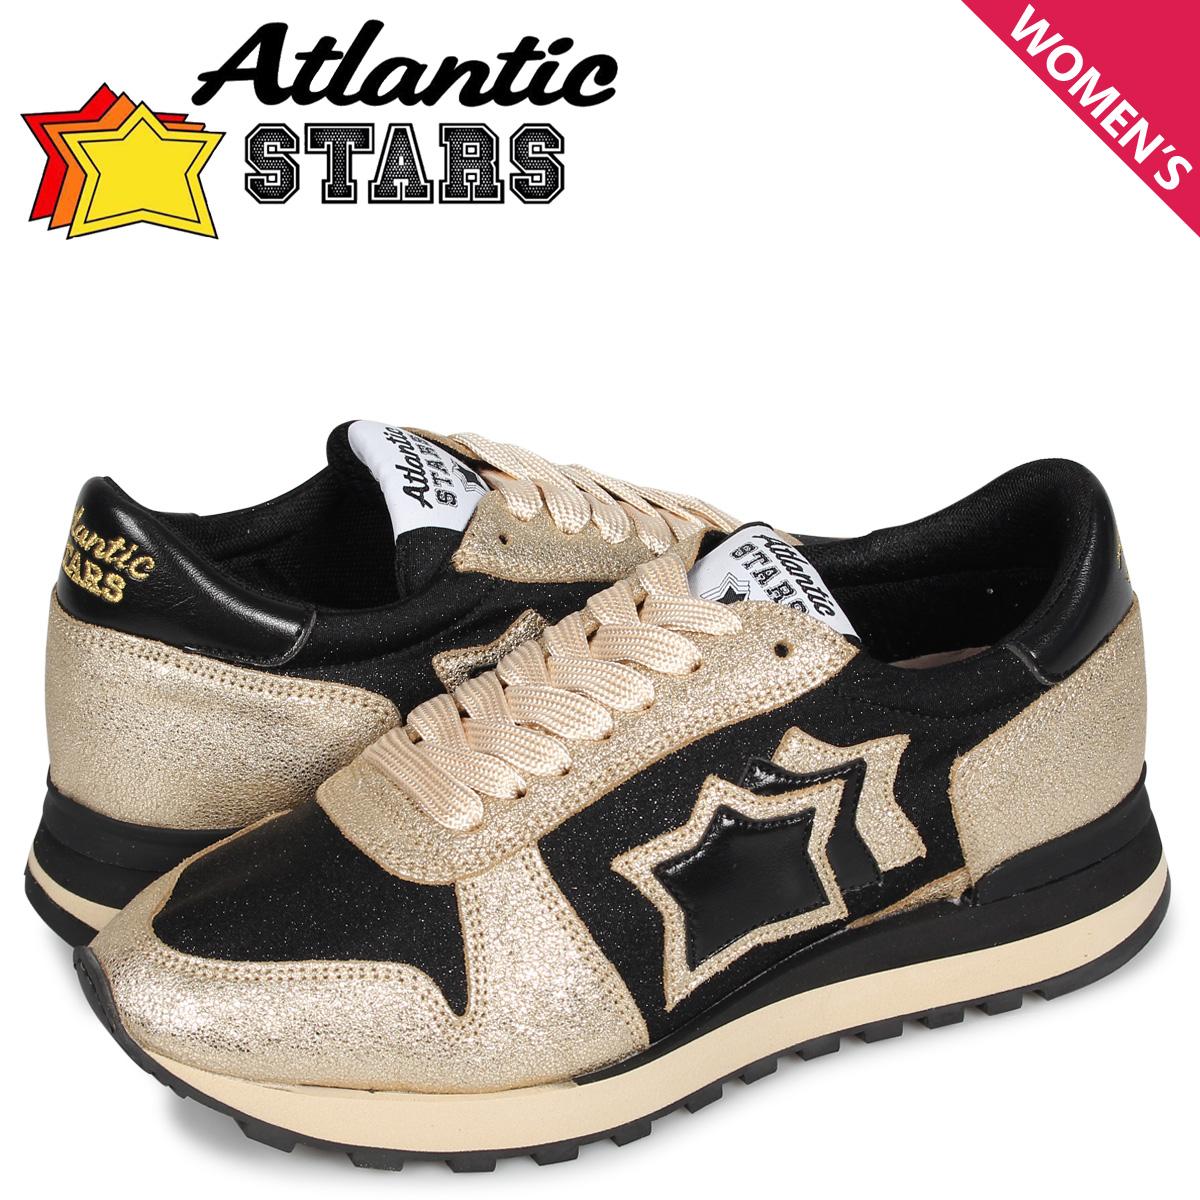 アトランティックスターズ Atlantic STARS アレナ スニーカー レディース ALHENA ゴールド NCH-NY-NBNN [予約 5月上旬 追加入荷予定]